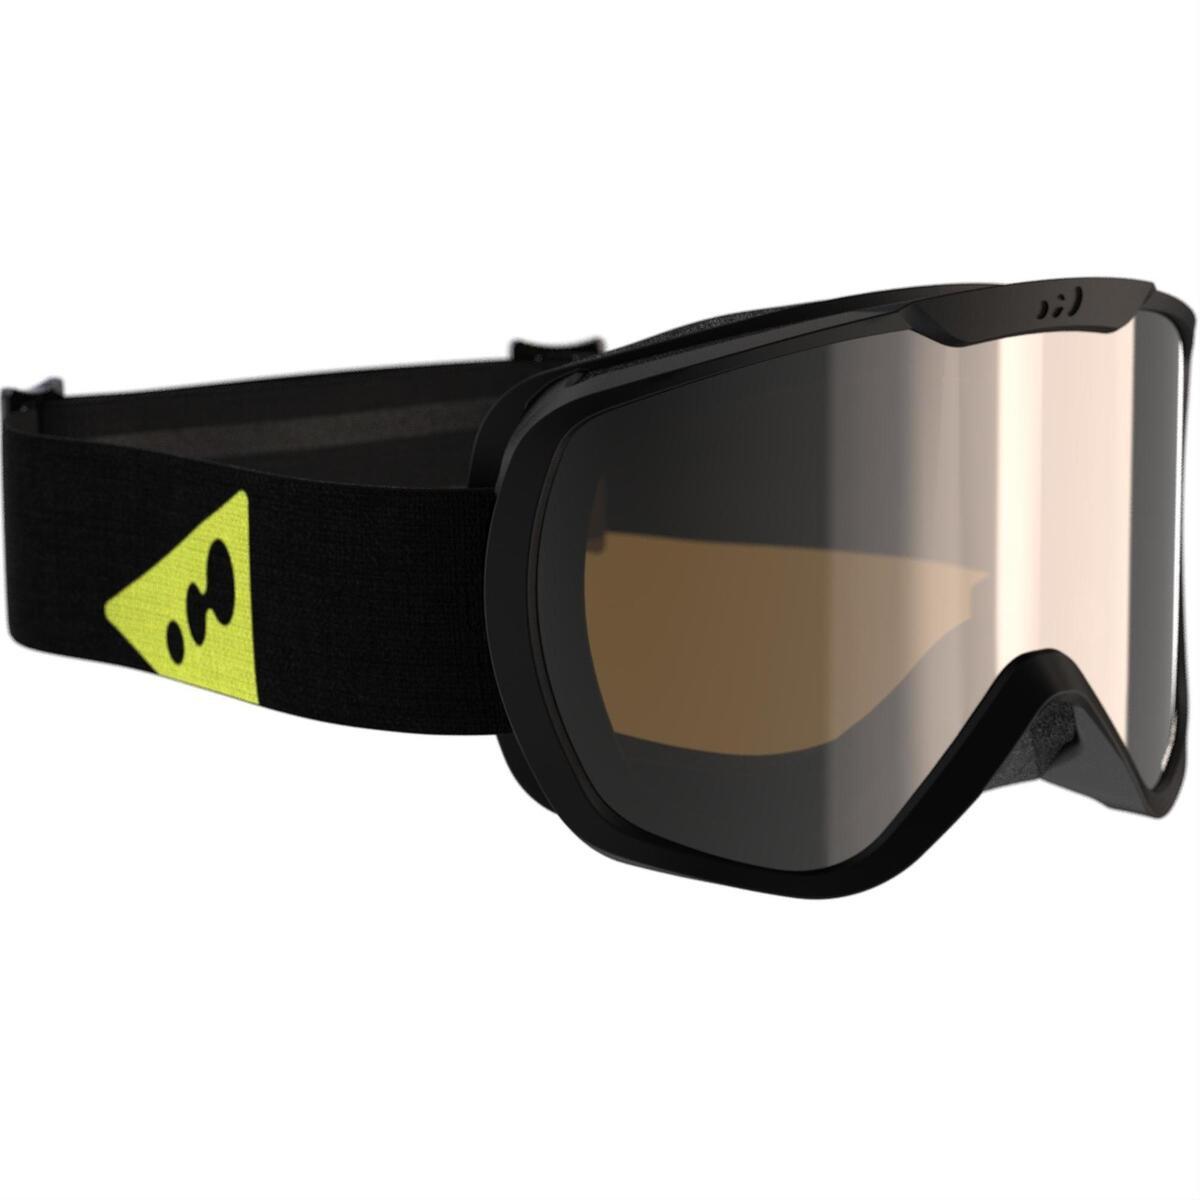 Bild 2 von Ski / Snowboardbrille G 500 S3 Erwachsene/Kinder Schönwetter schwarz